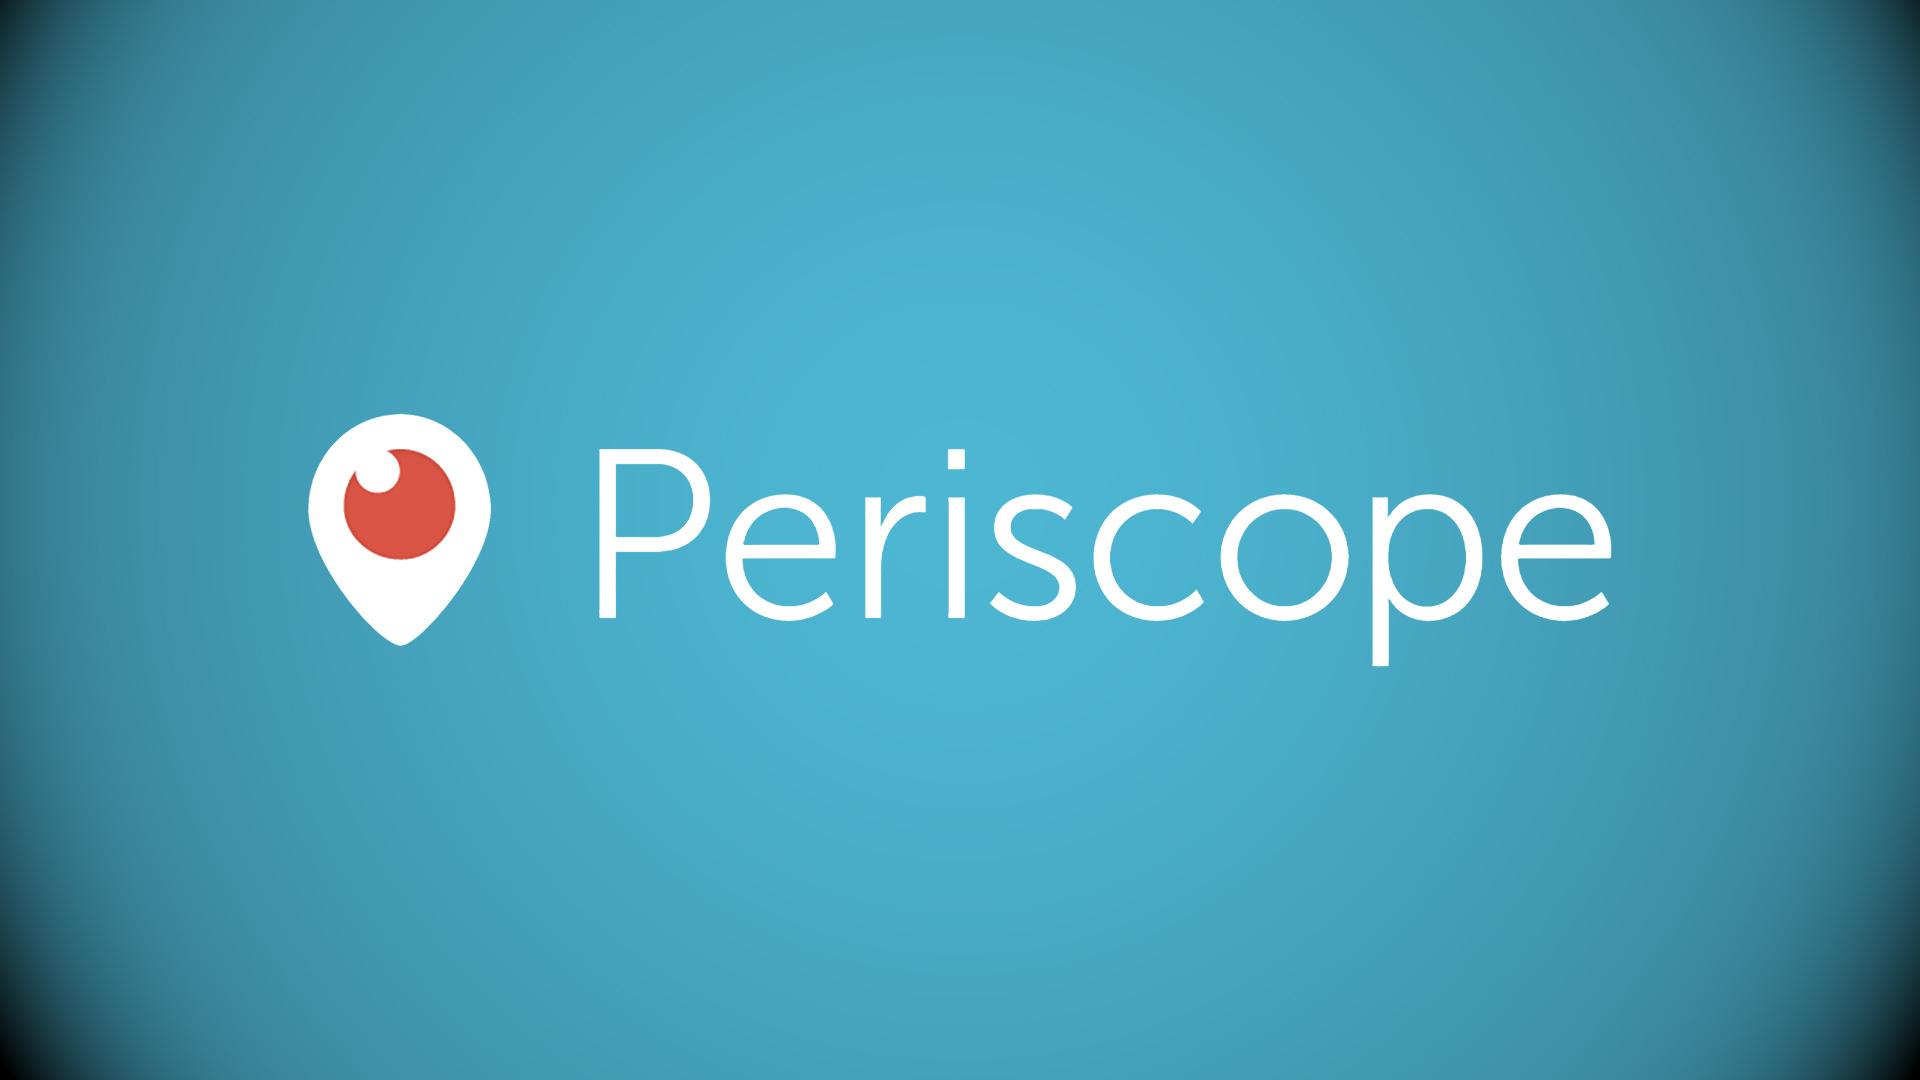 turkce-periscope.jpg